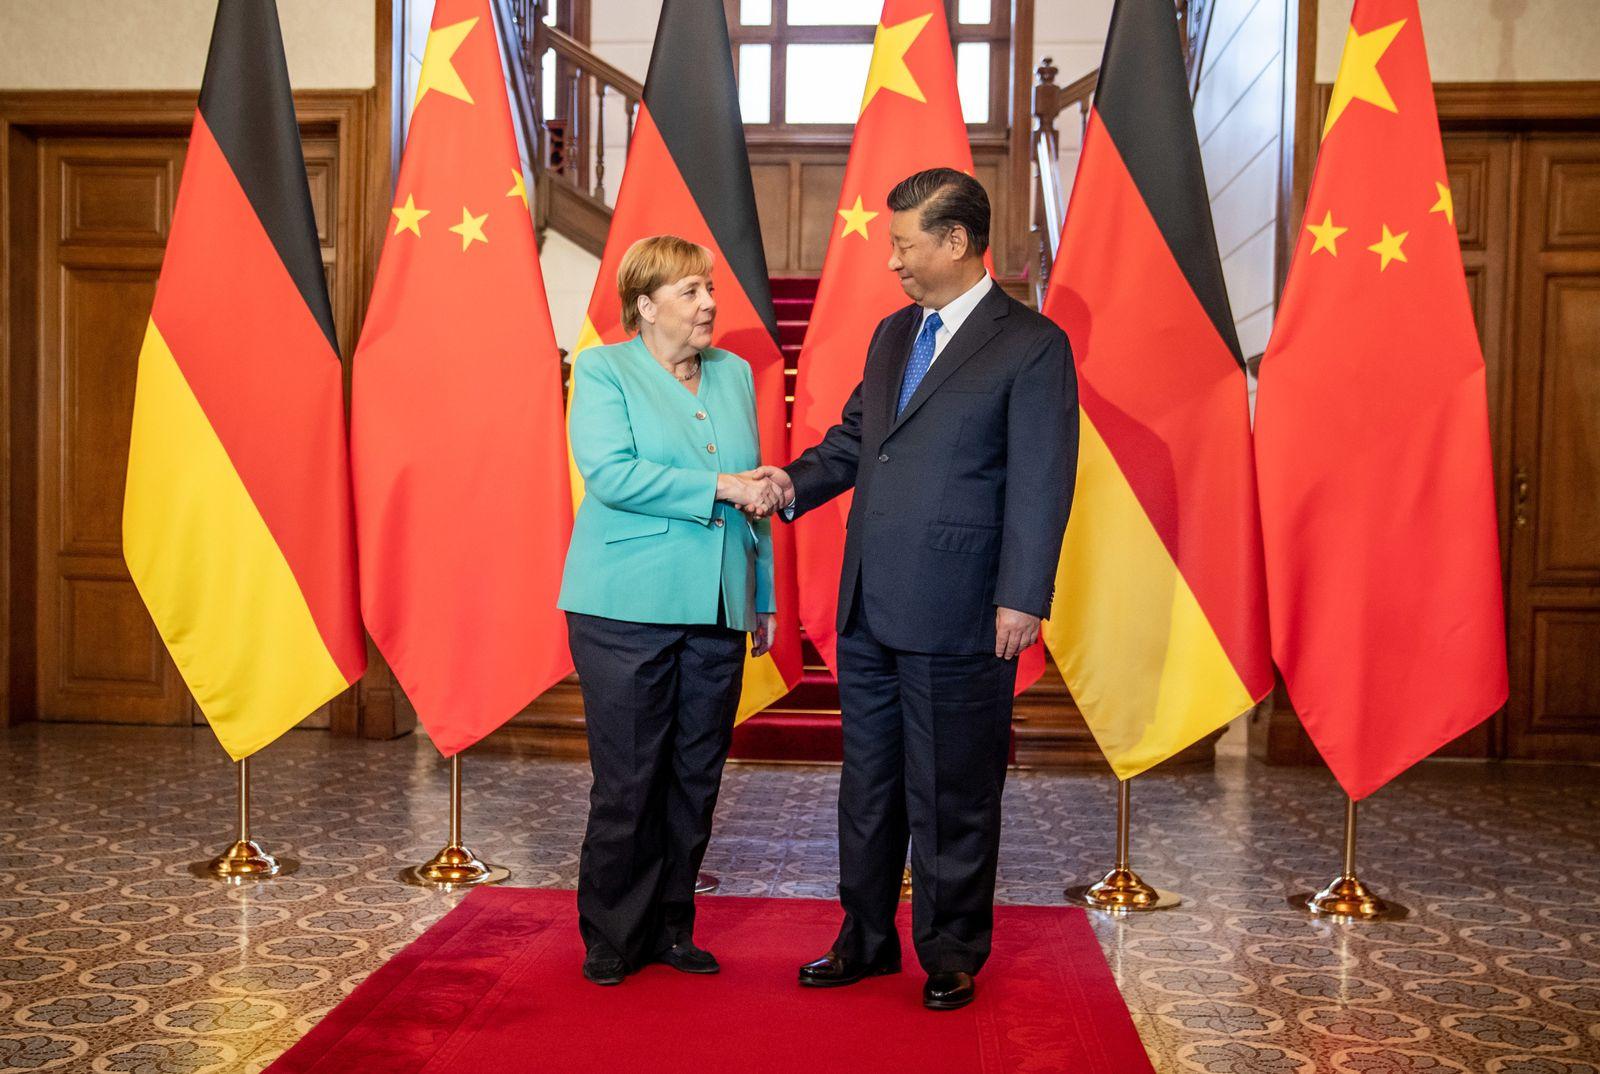 Merkel, Xi Jinping